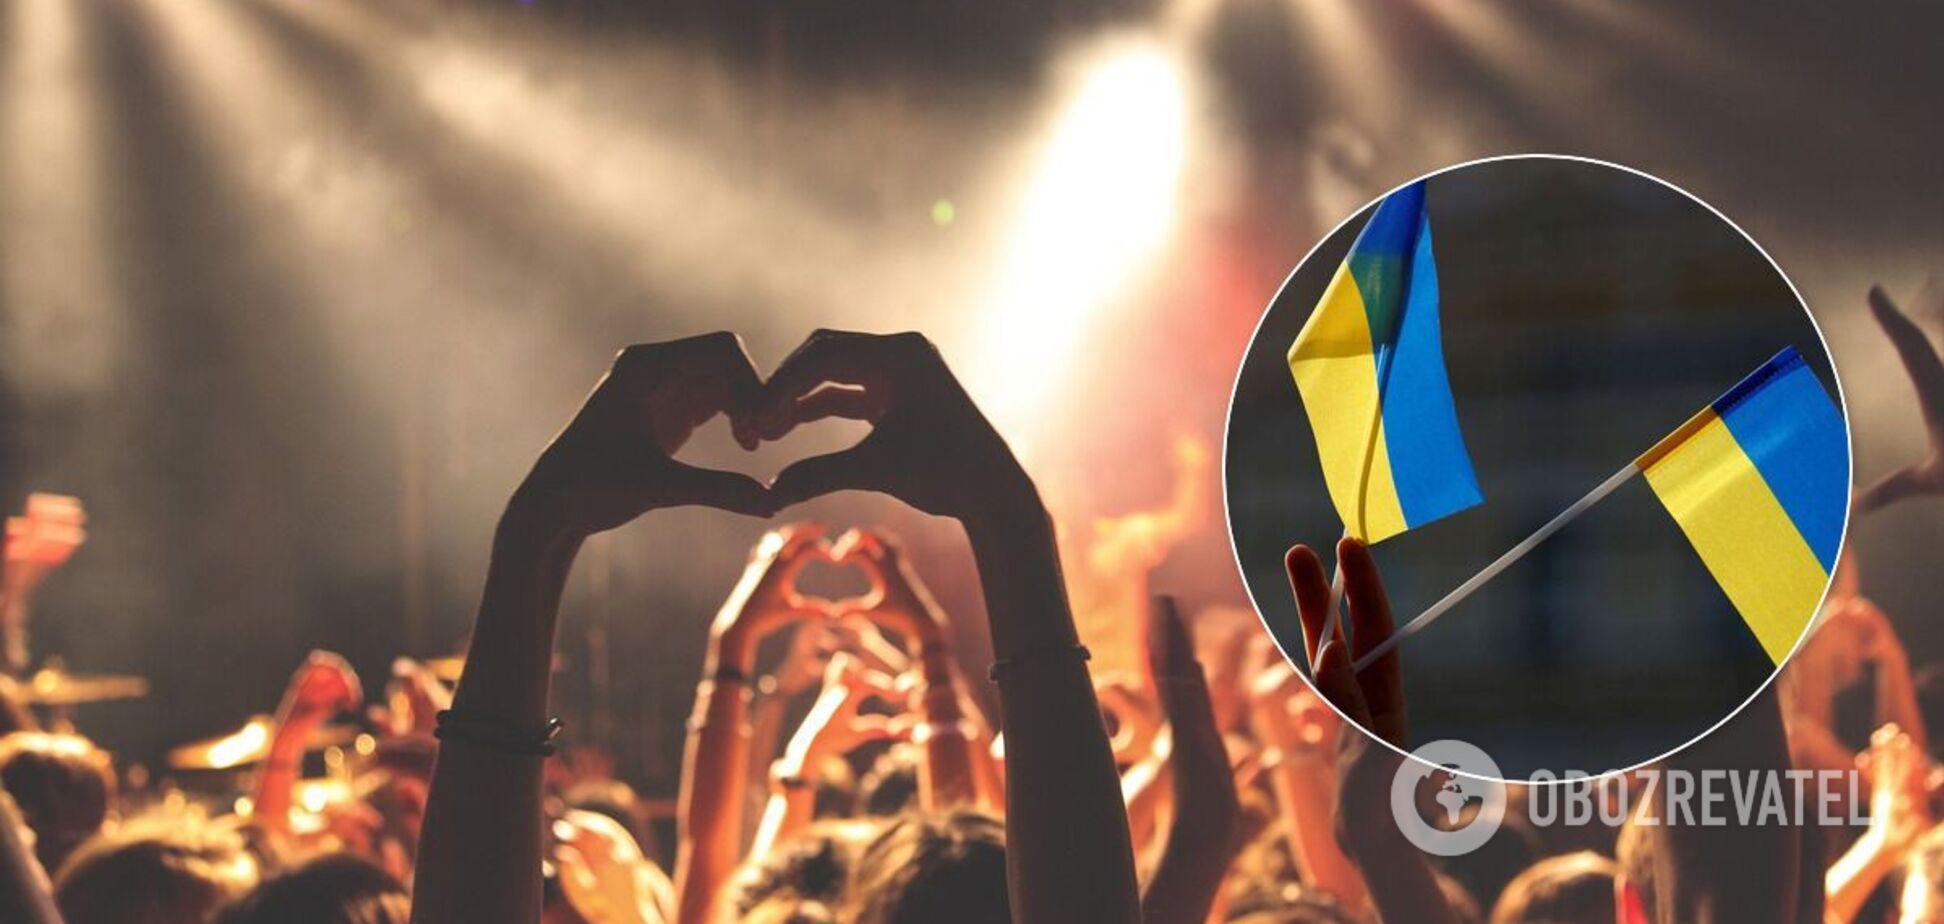 День музики святкується в Україні і світі 1 жовтня